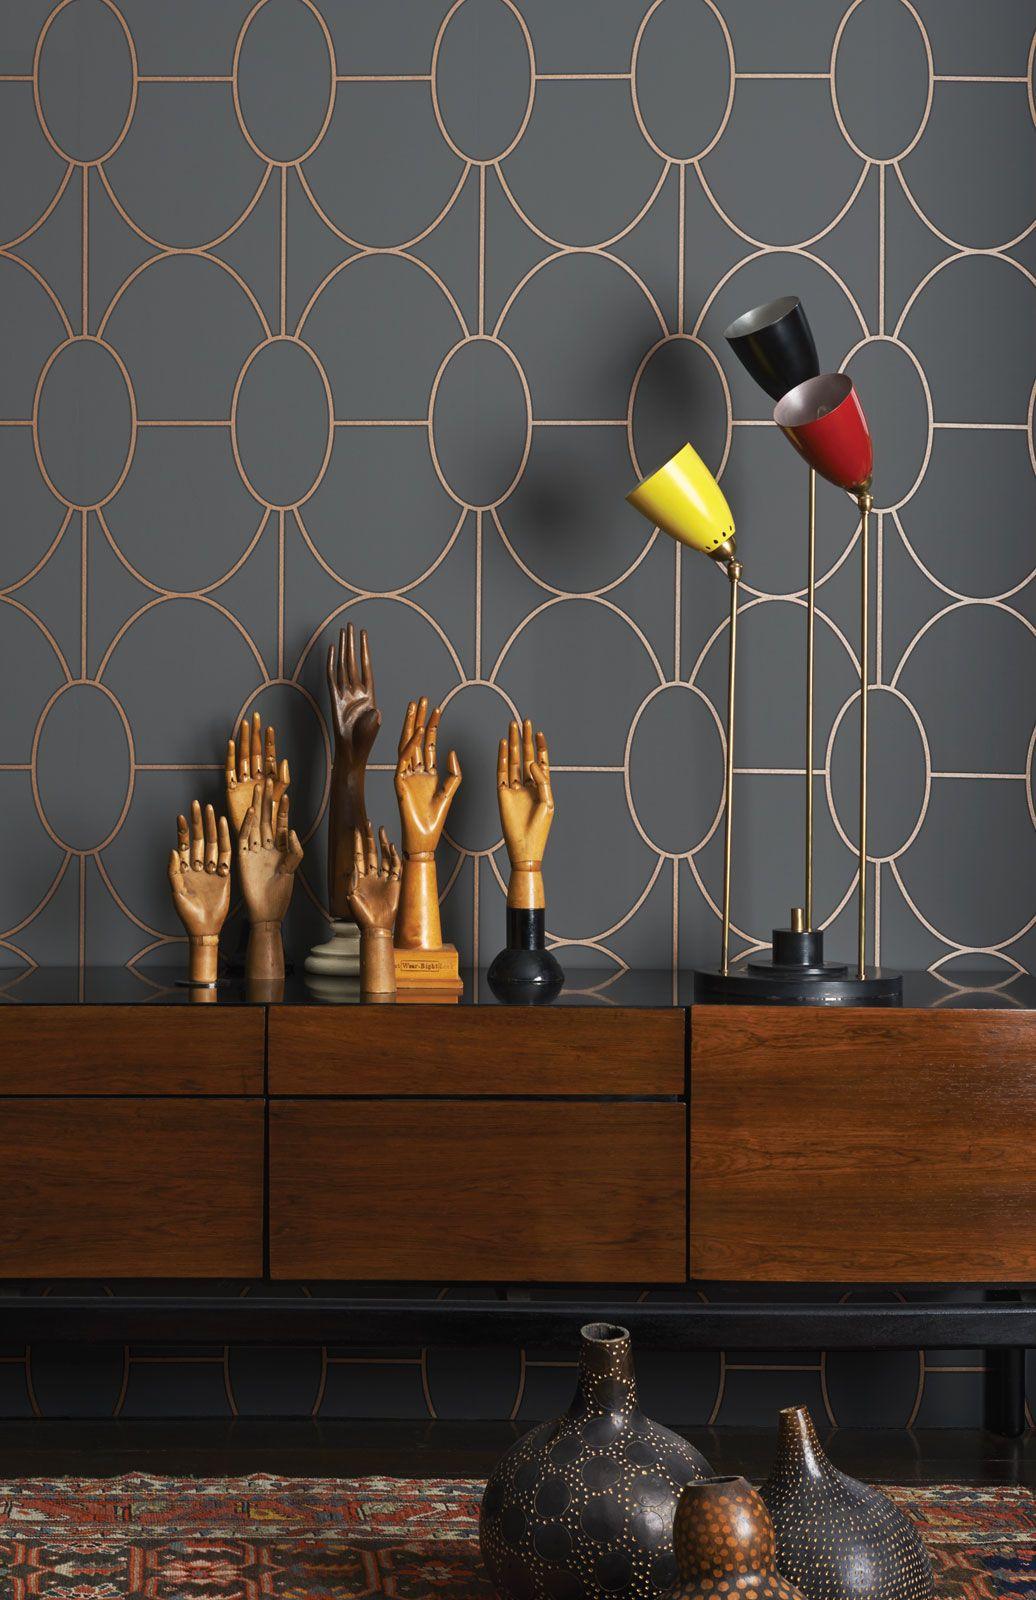 les papiers peint cole son g ometric ii interior design pinterest cole son le papier et. Black Bedroom Furniture Sets. Home Design Ideas